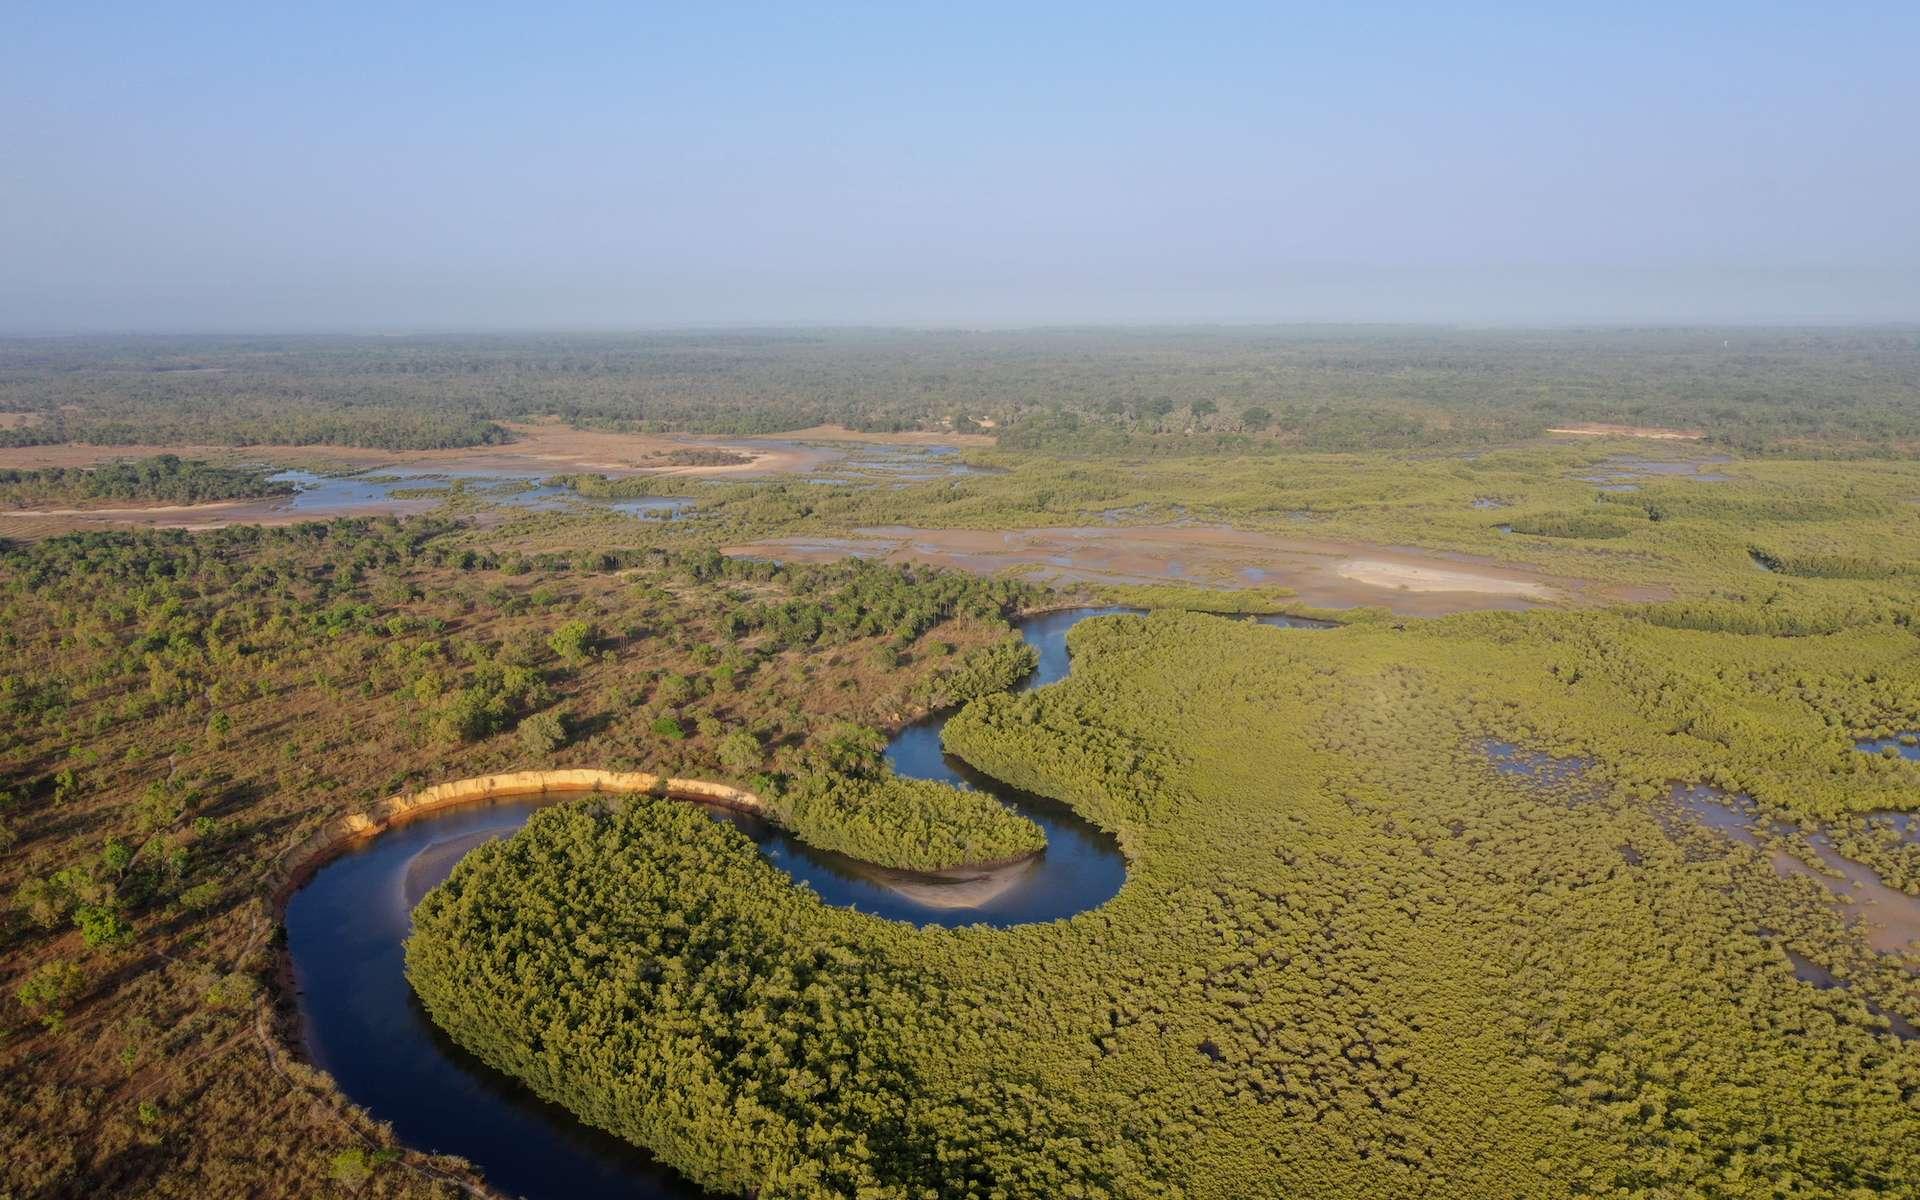 En juillet 2018, une mission Vigilife a collecté une vingtaine d'échantillons dans le fleuve Casamance, au Sénégal. © Jean-Baptiste Decotte